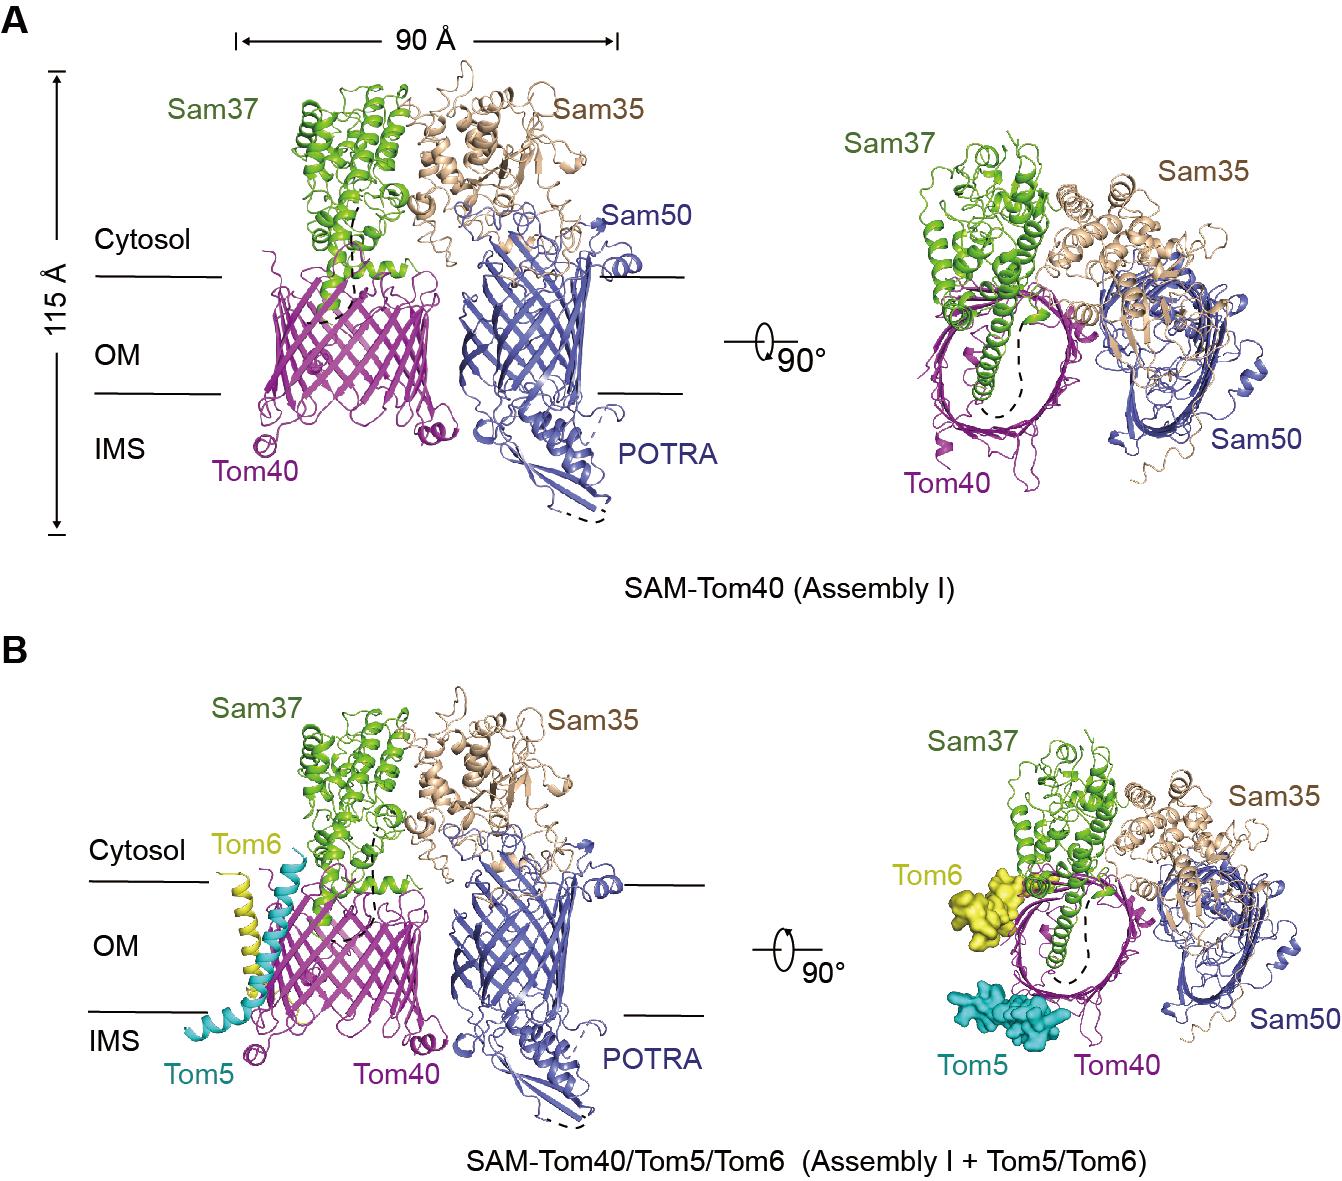 图2. TOM转位酶复合体组装中间态的三维结构